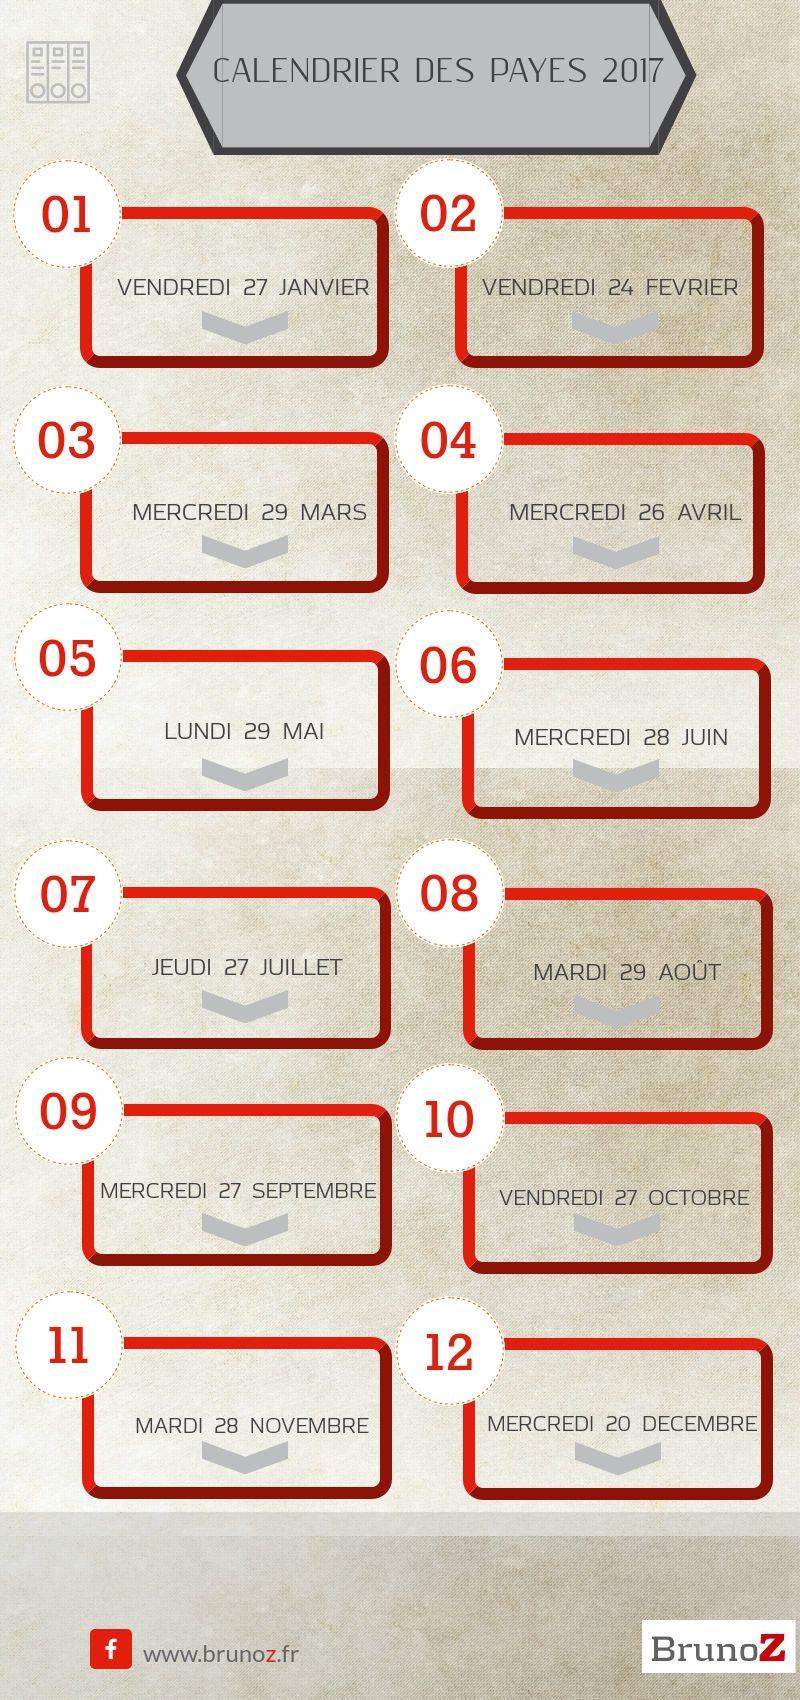 Les Dates Annoncees Pour Cette Annee Concernant Le Versement Du